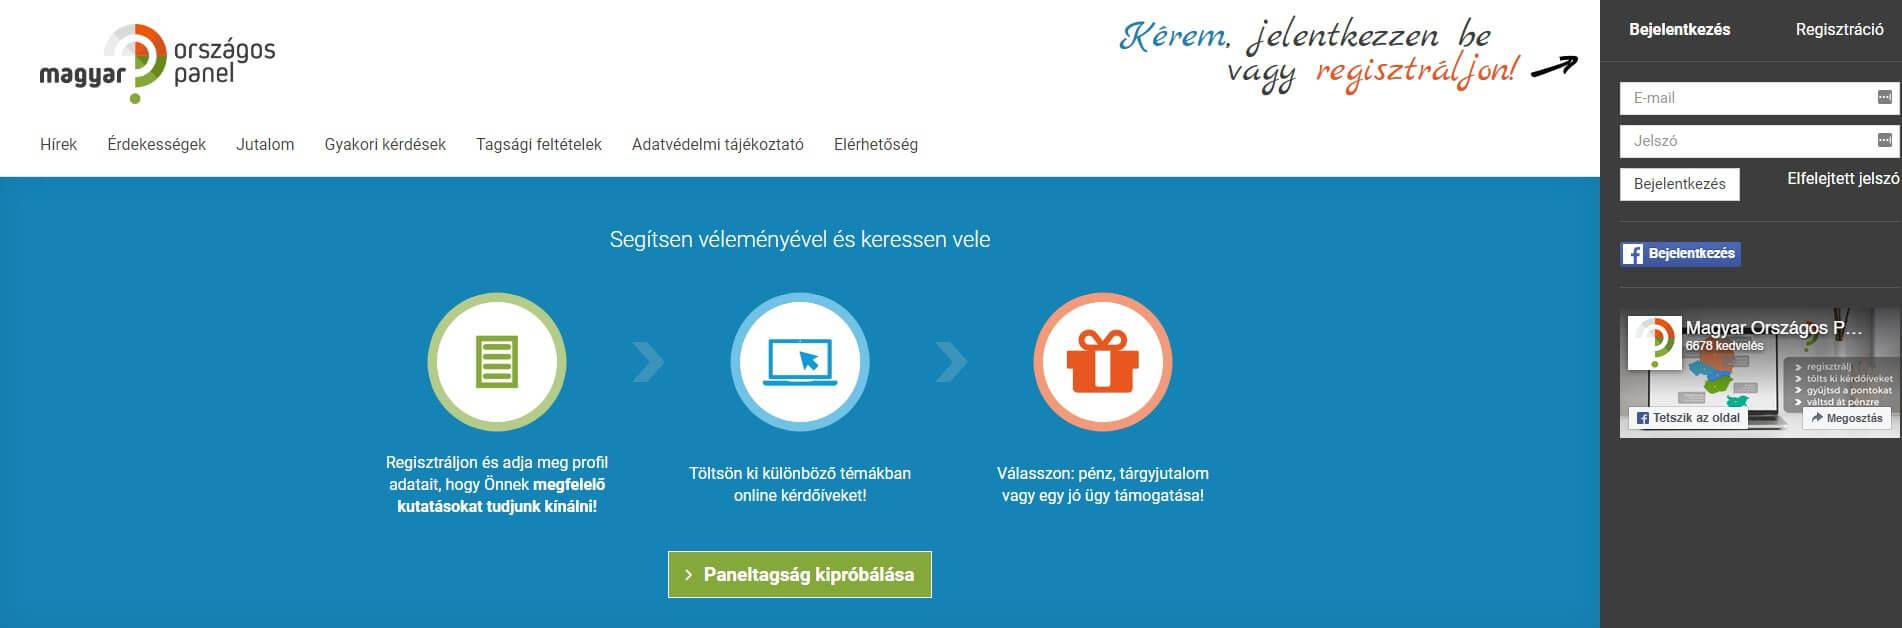 webhely, ahol pénzt kereshet a fogadásokon a bináris opciók legerősebb mutatója